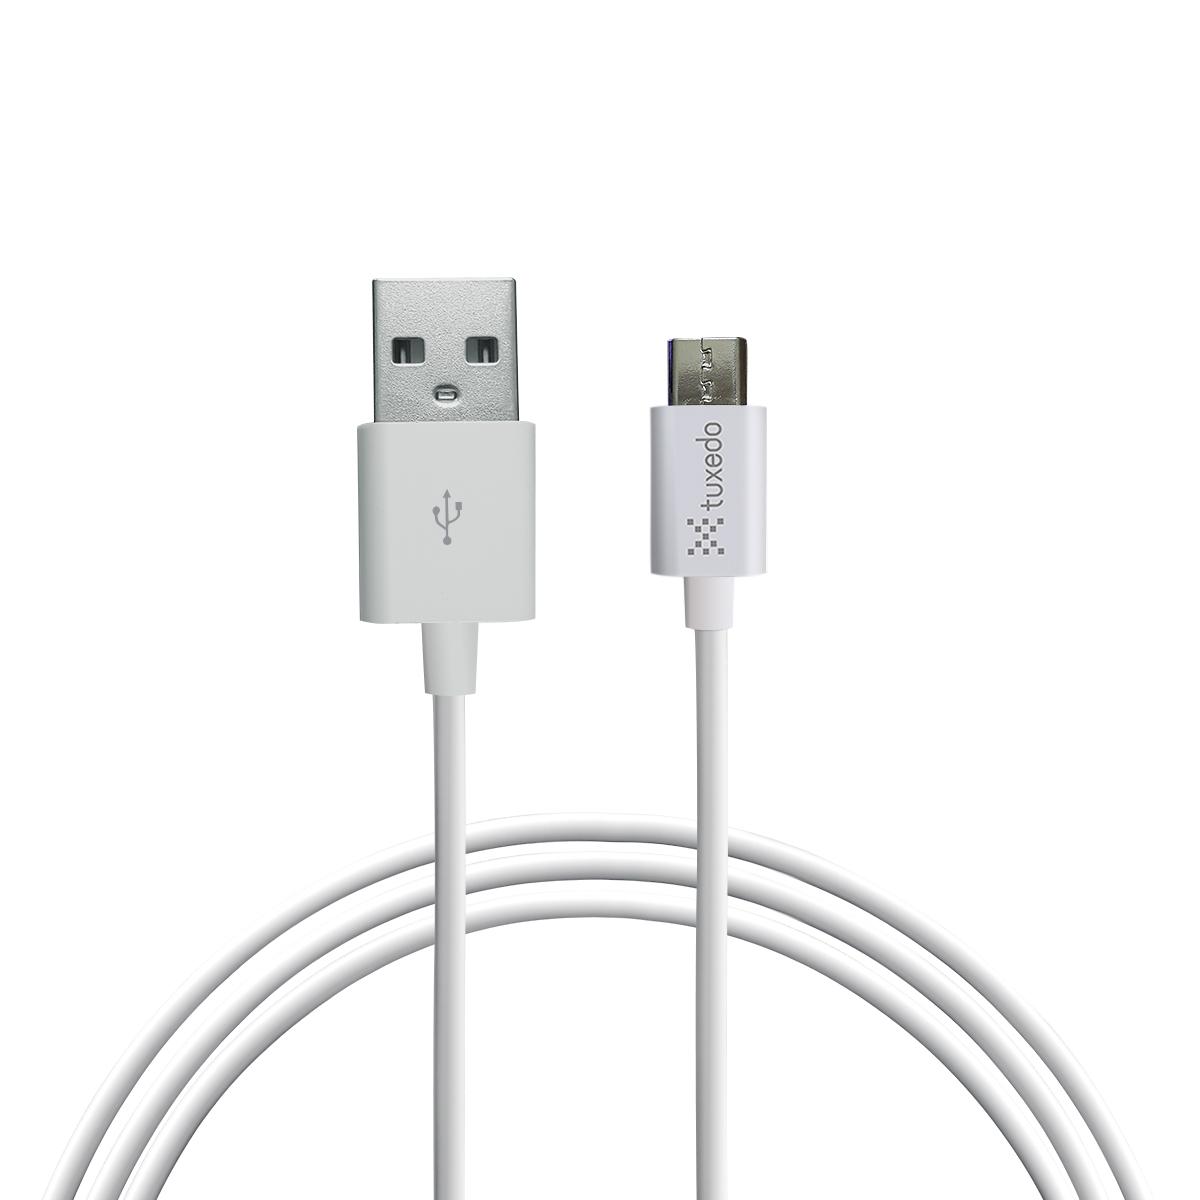 Cáp sạc điện thoại Tuxedo Micro USB dài 1m (hỗ trợ sạc nhanh)